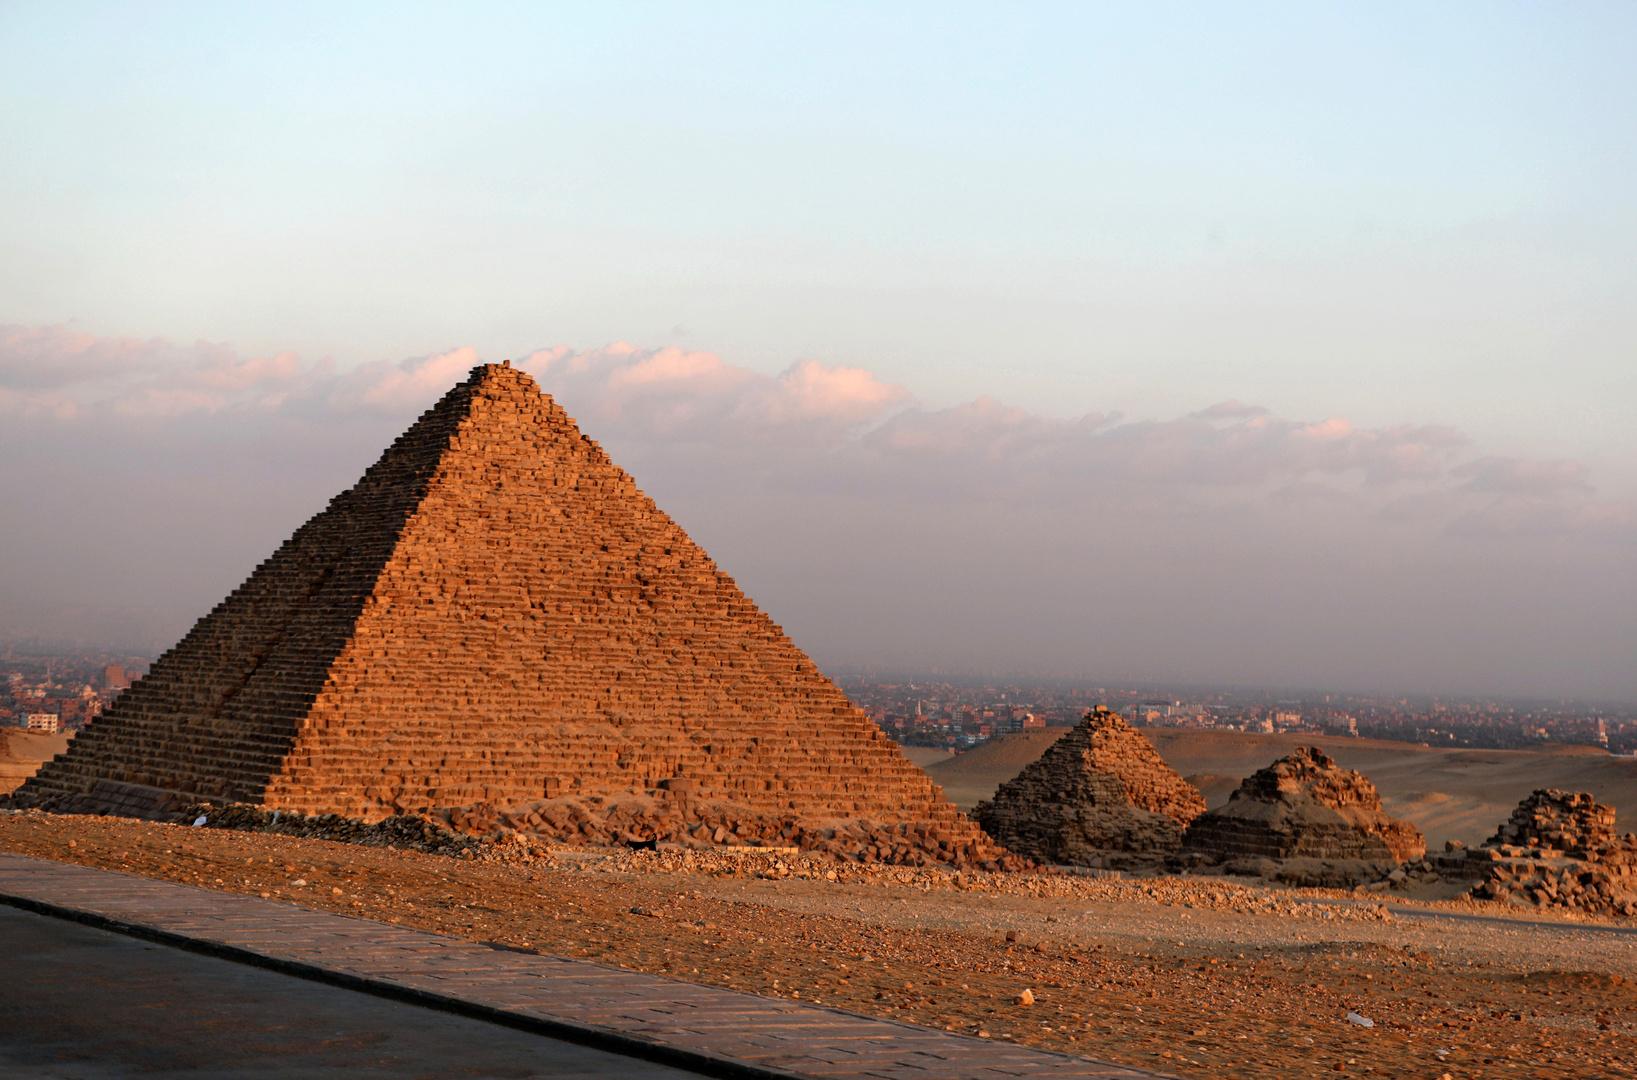 إيلون ماسك في تصريح مدو حول الأهرامات المصرية